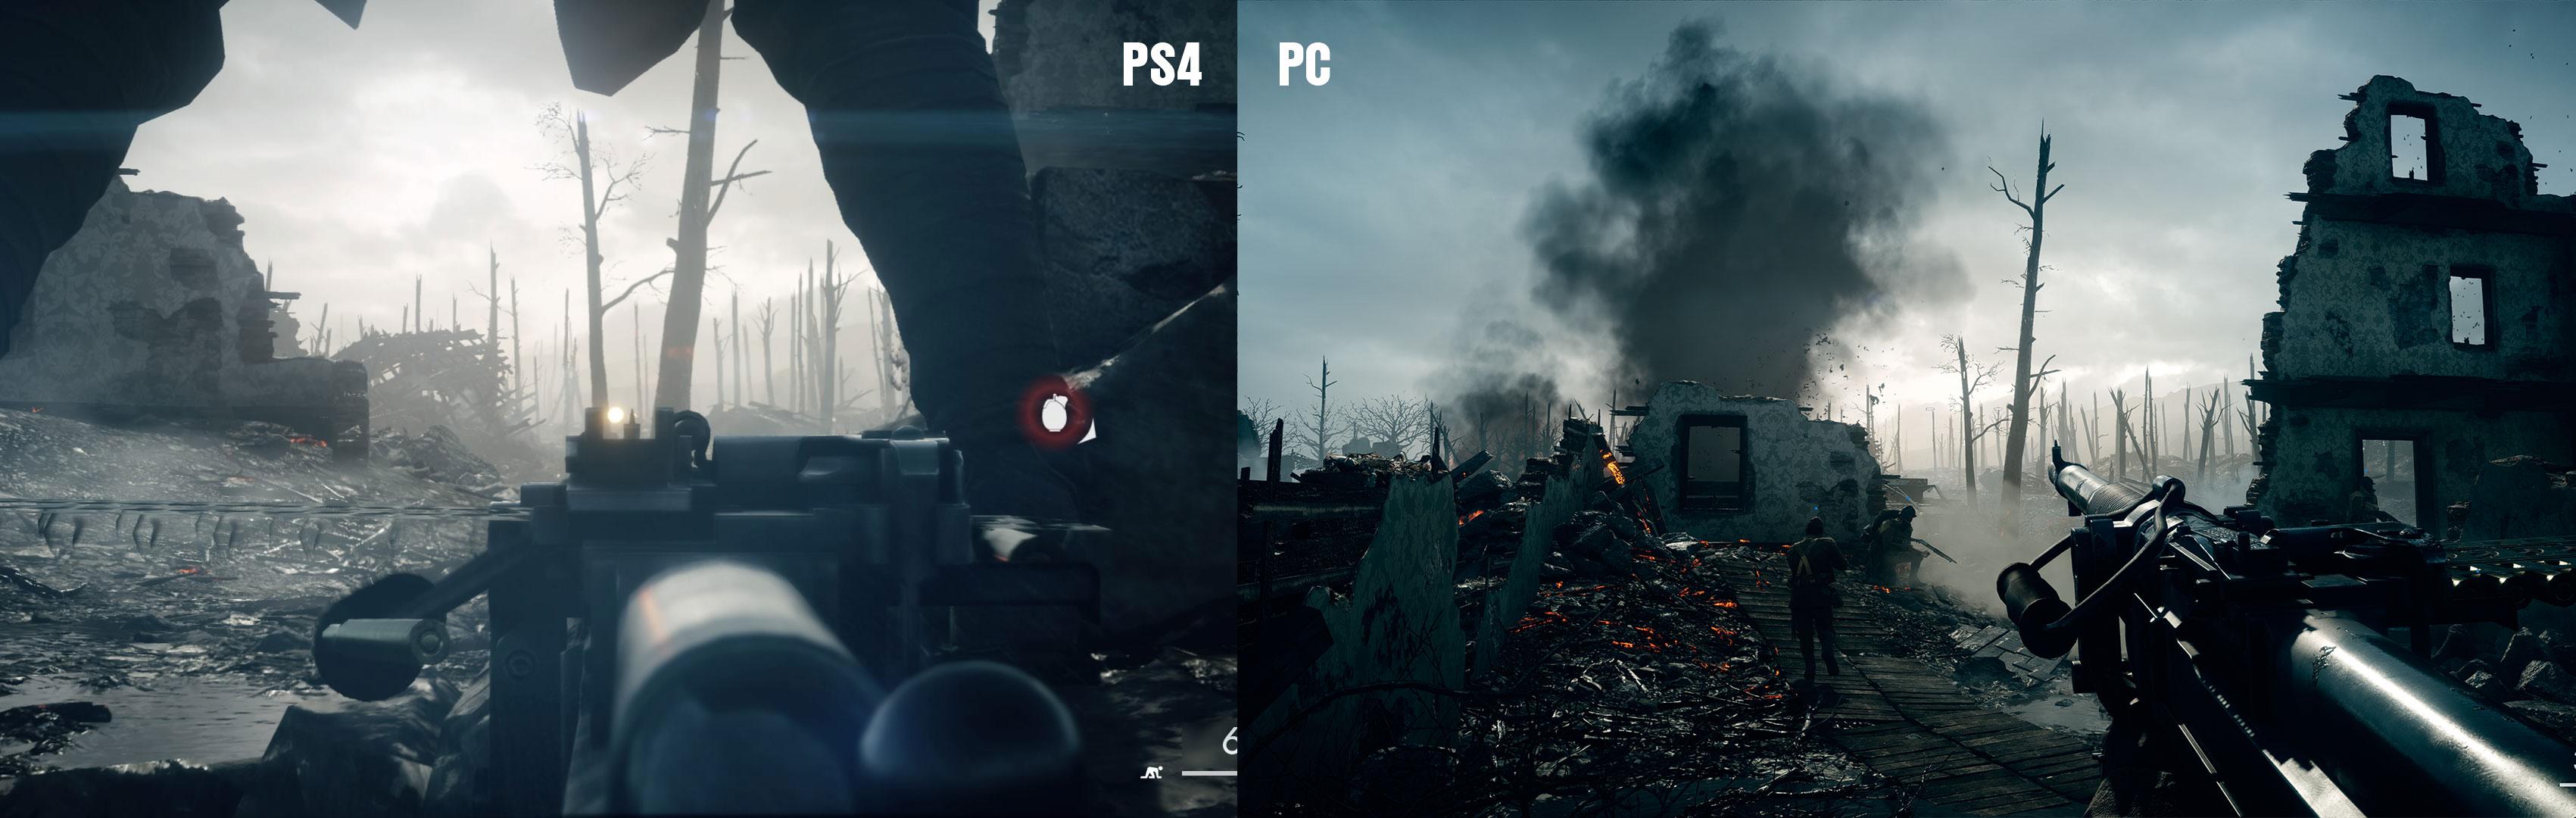 PS4 ja PC-versio ovat hyvin saman näköisiä. Eroja toki löytyy, mutta PS4-versio on yksi konsolin kauniimpia pelejä.